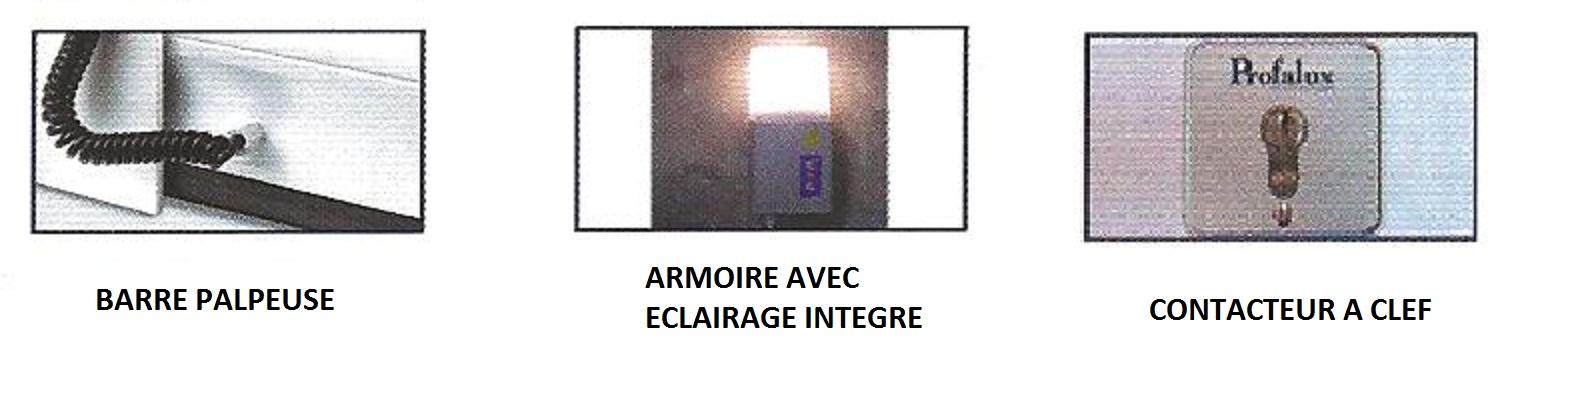 Avenir fenetres for Porte de garage enroulable avec ouverture de porte paris